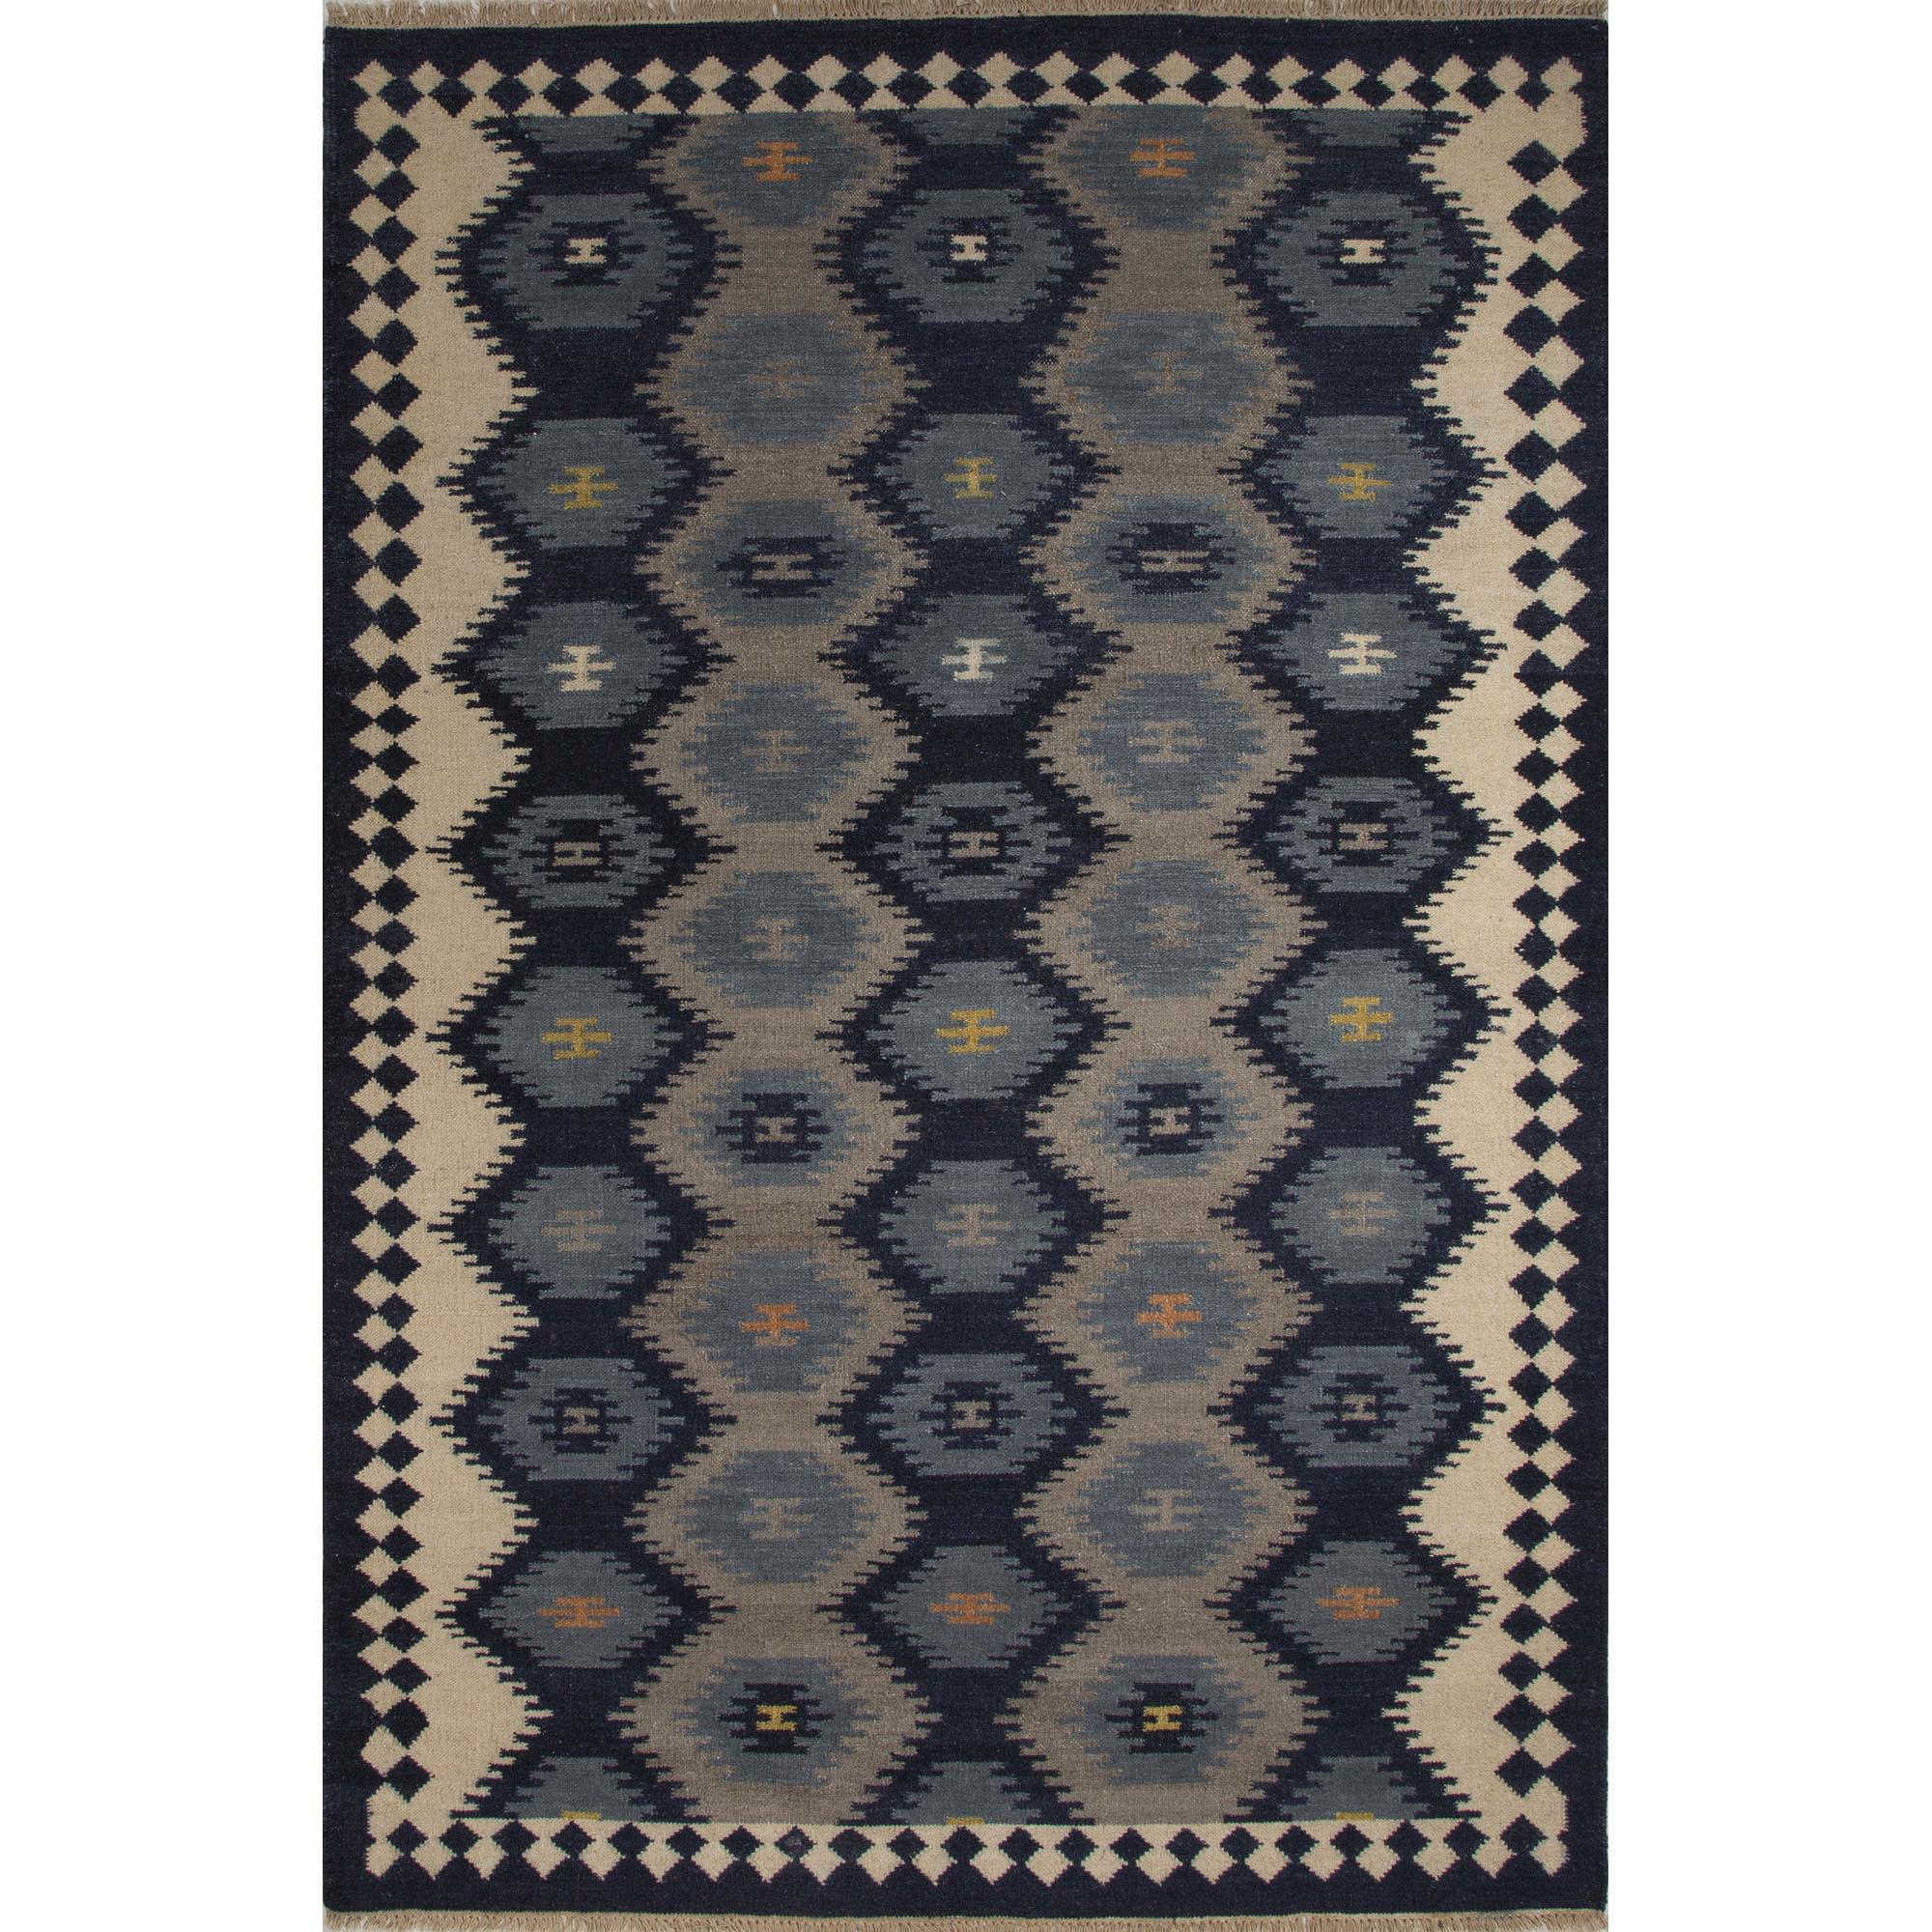 JAIPUR Rugs Anatolia 2 x 3 Rug - Item Number: RUG123873